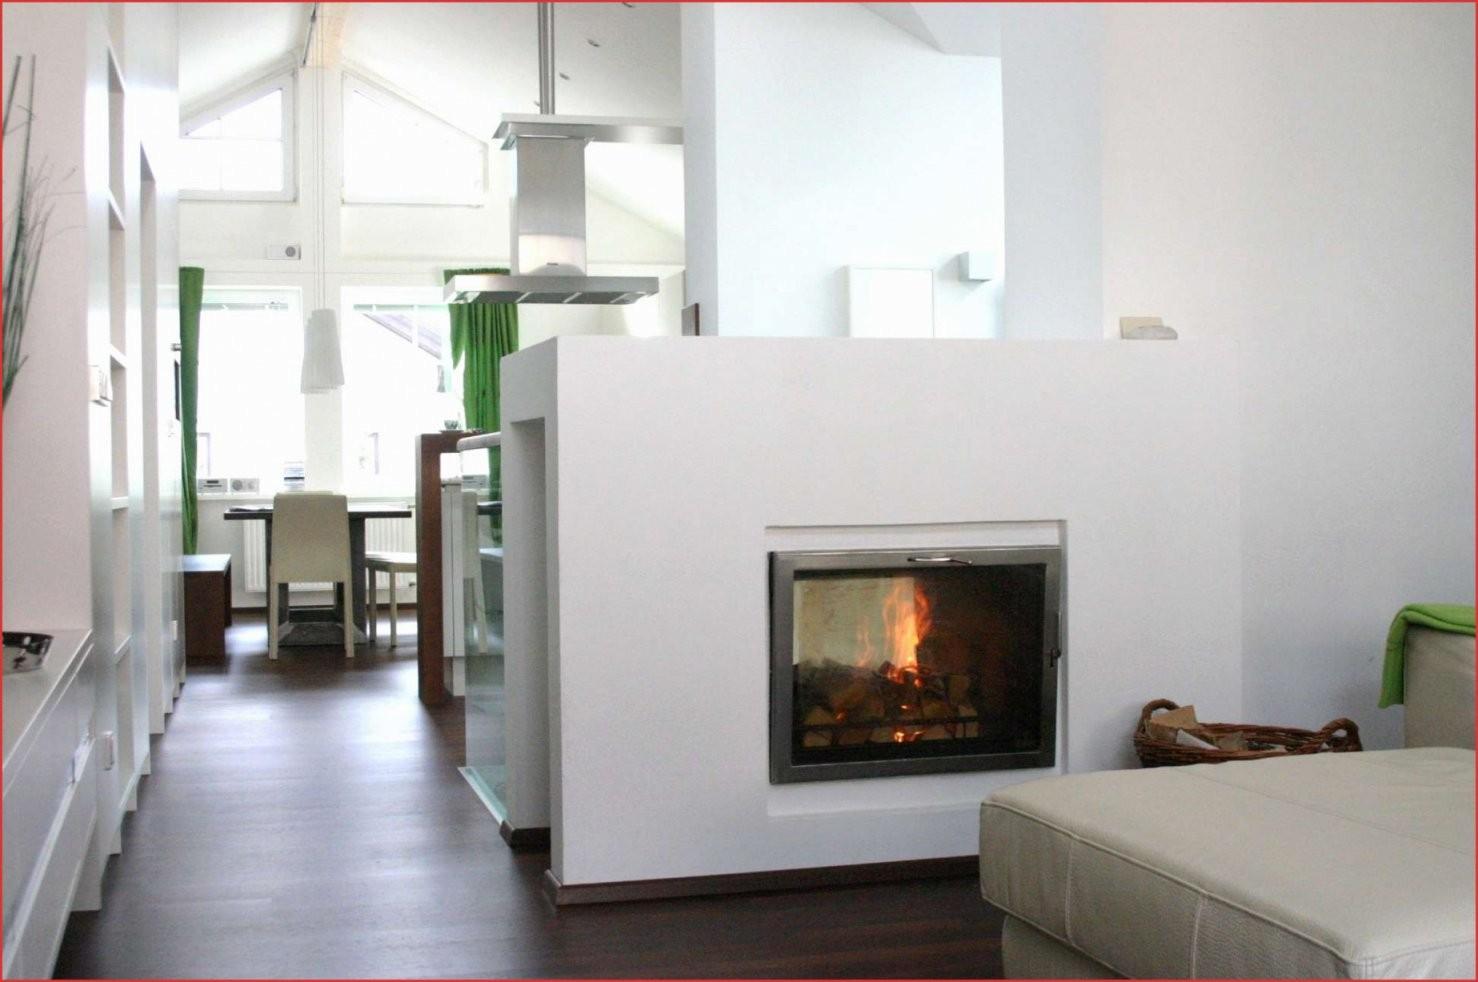 Schornstein Im Wohnzimmer Verkleiden — Temobardz Home Blog von Kamin Als Raumteiler Kosten Photo